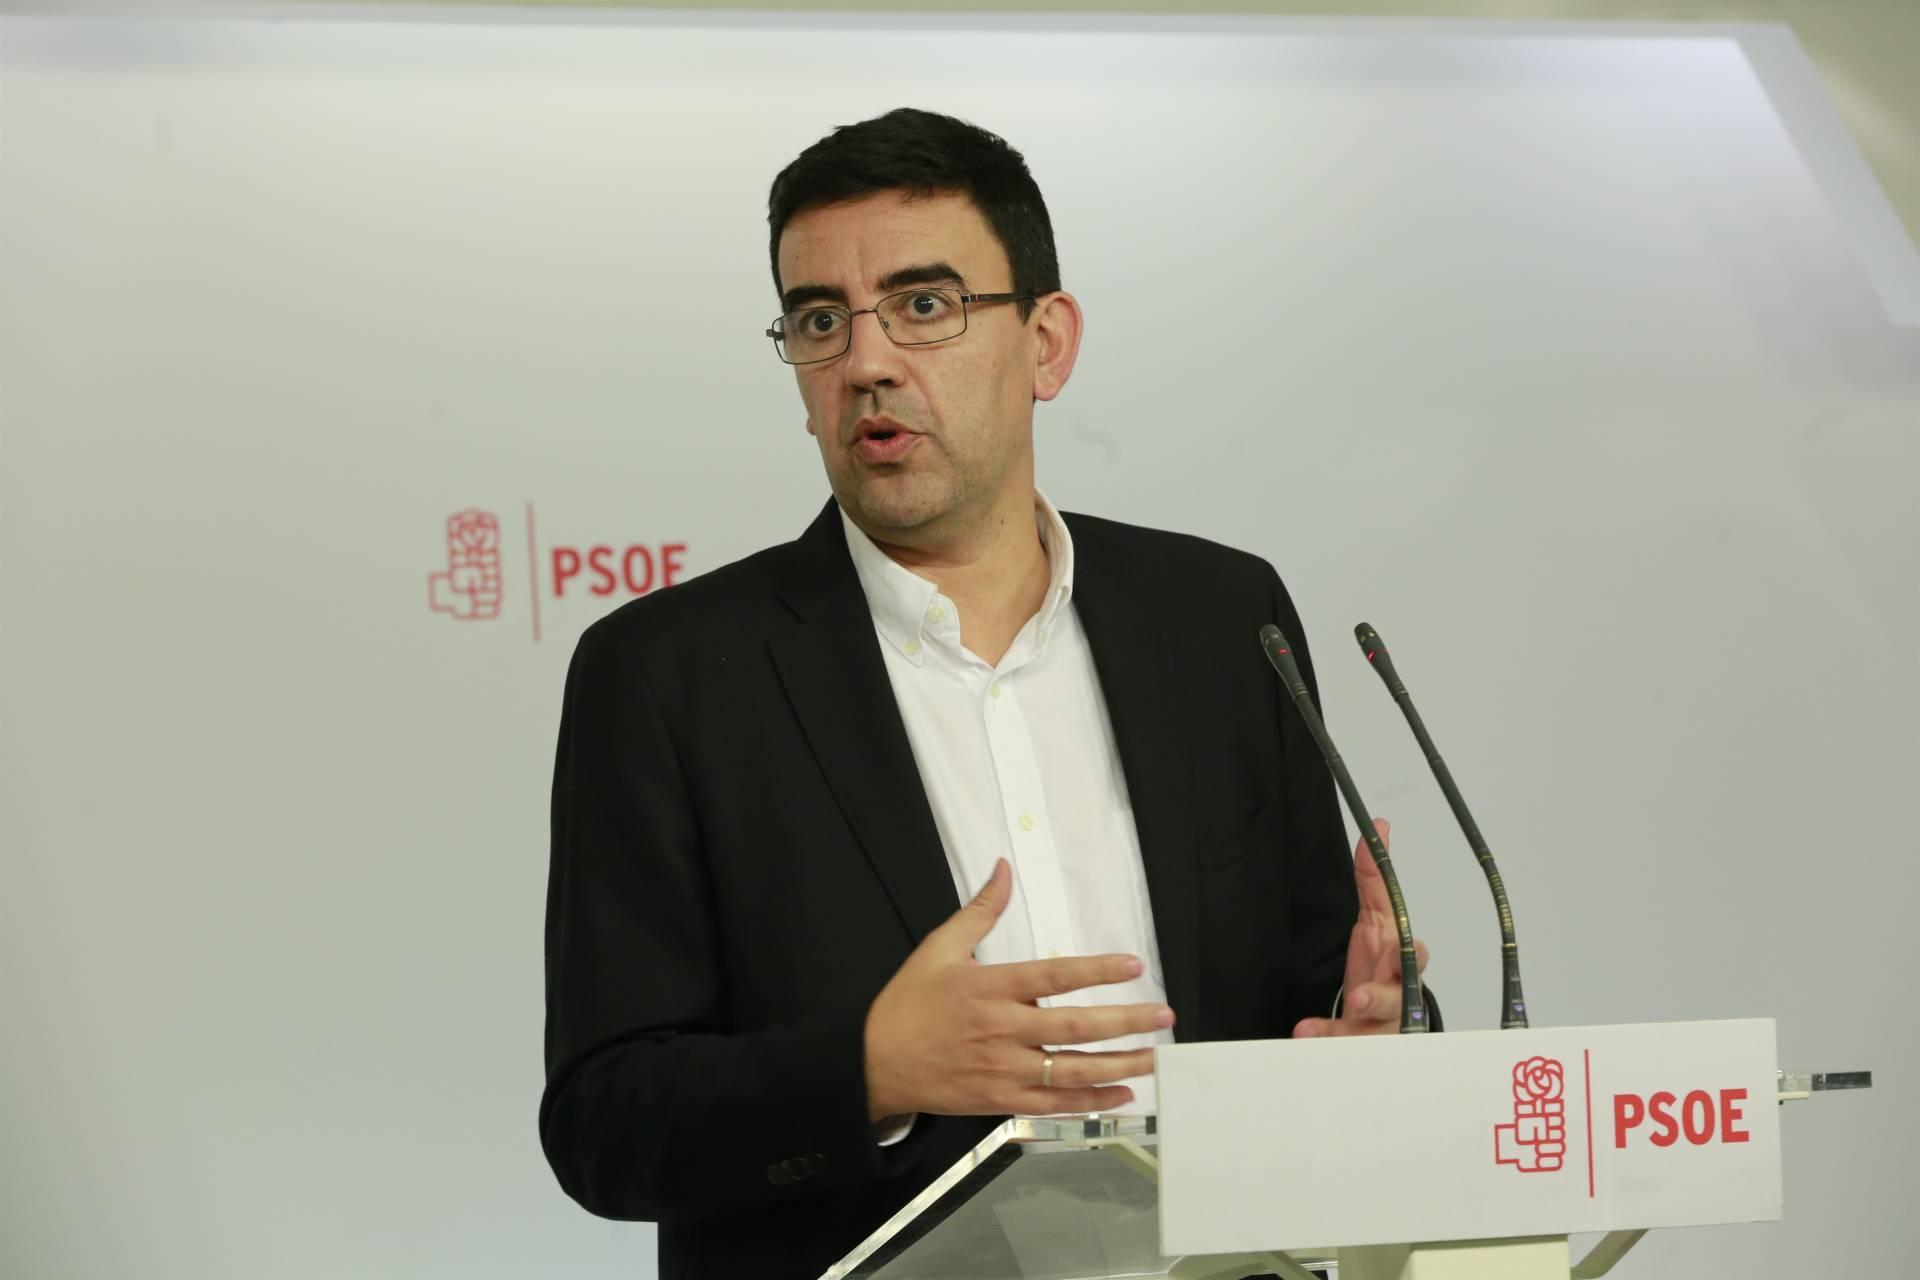 El portavoz de la gestora socialista, Mario Jiménez, este jueves en Ferraz.